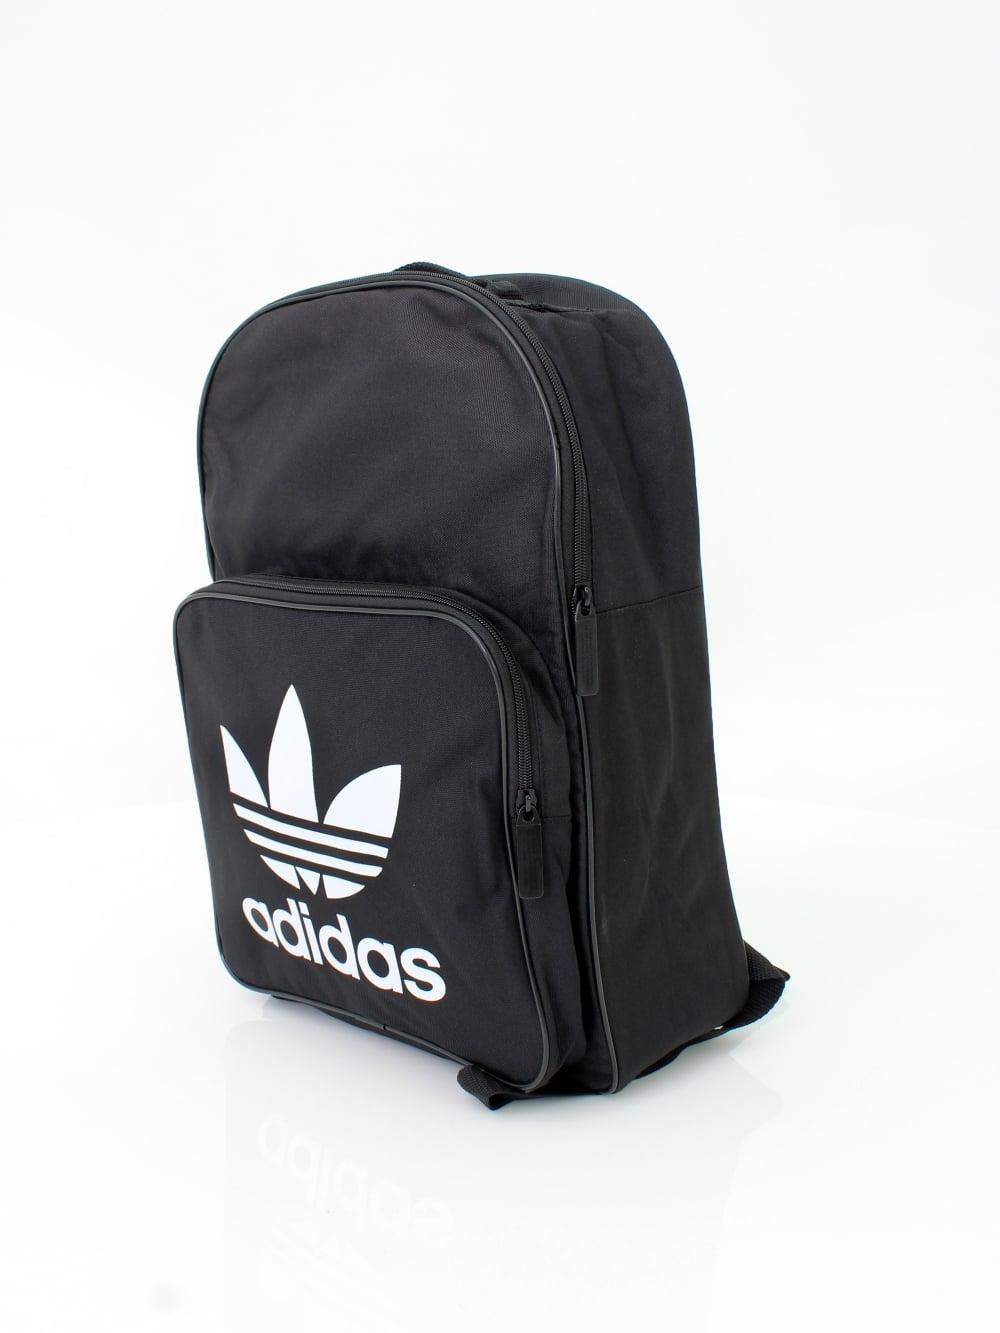 15d9ee13413a adidas Originals Trefoil Backpack in Black